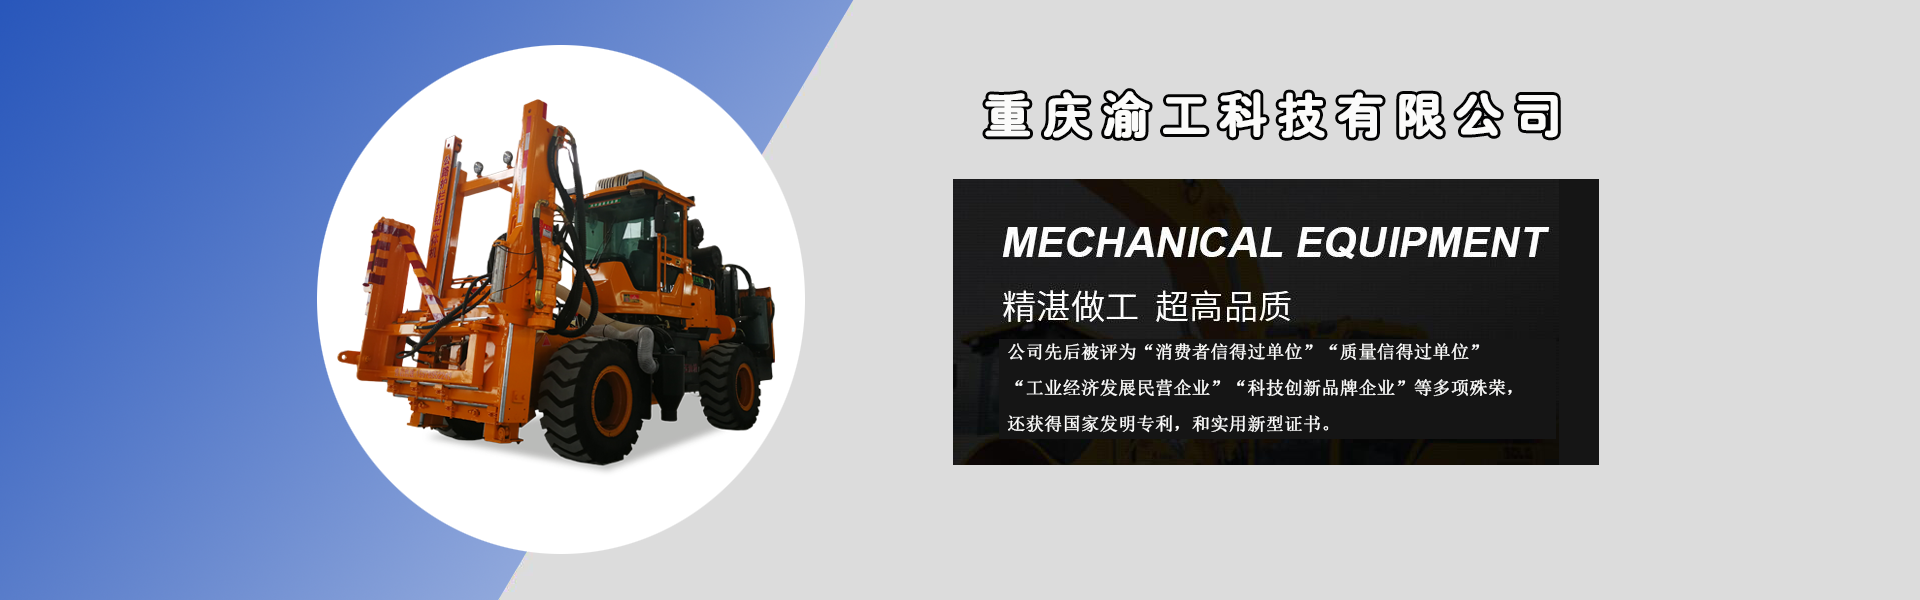 重庆渝工科技有限公司凭借精湛做工,超高品质赢得客户的信赖!